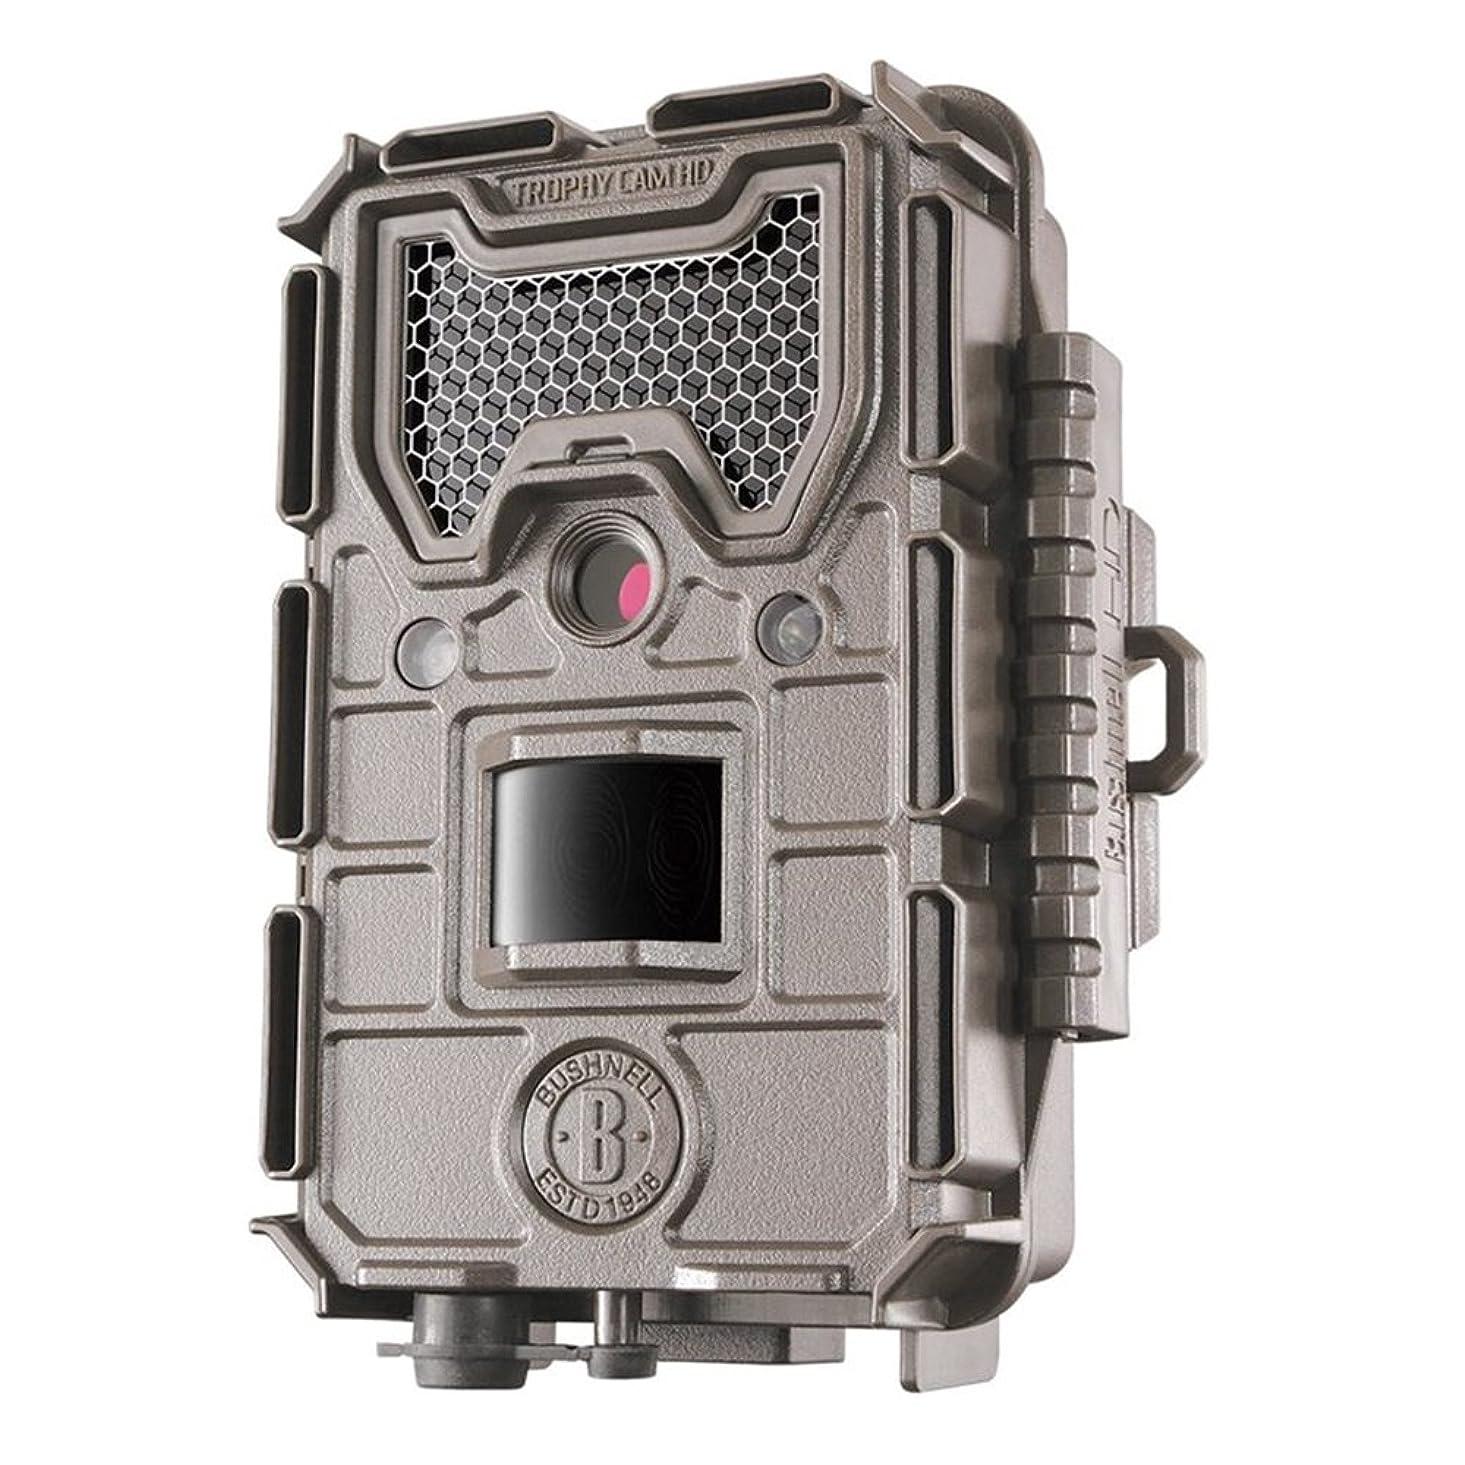 セットするデコードするサイズ屋外型センサーカメラ トロフィーカムXLT20MP ローグロー【人感センサー内蔵監視カメラ】【防水トレイルカメラ】ブッシュネル【日本正規品】保証付